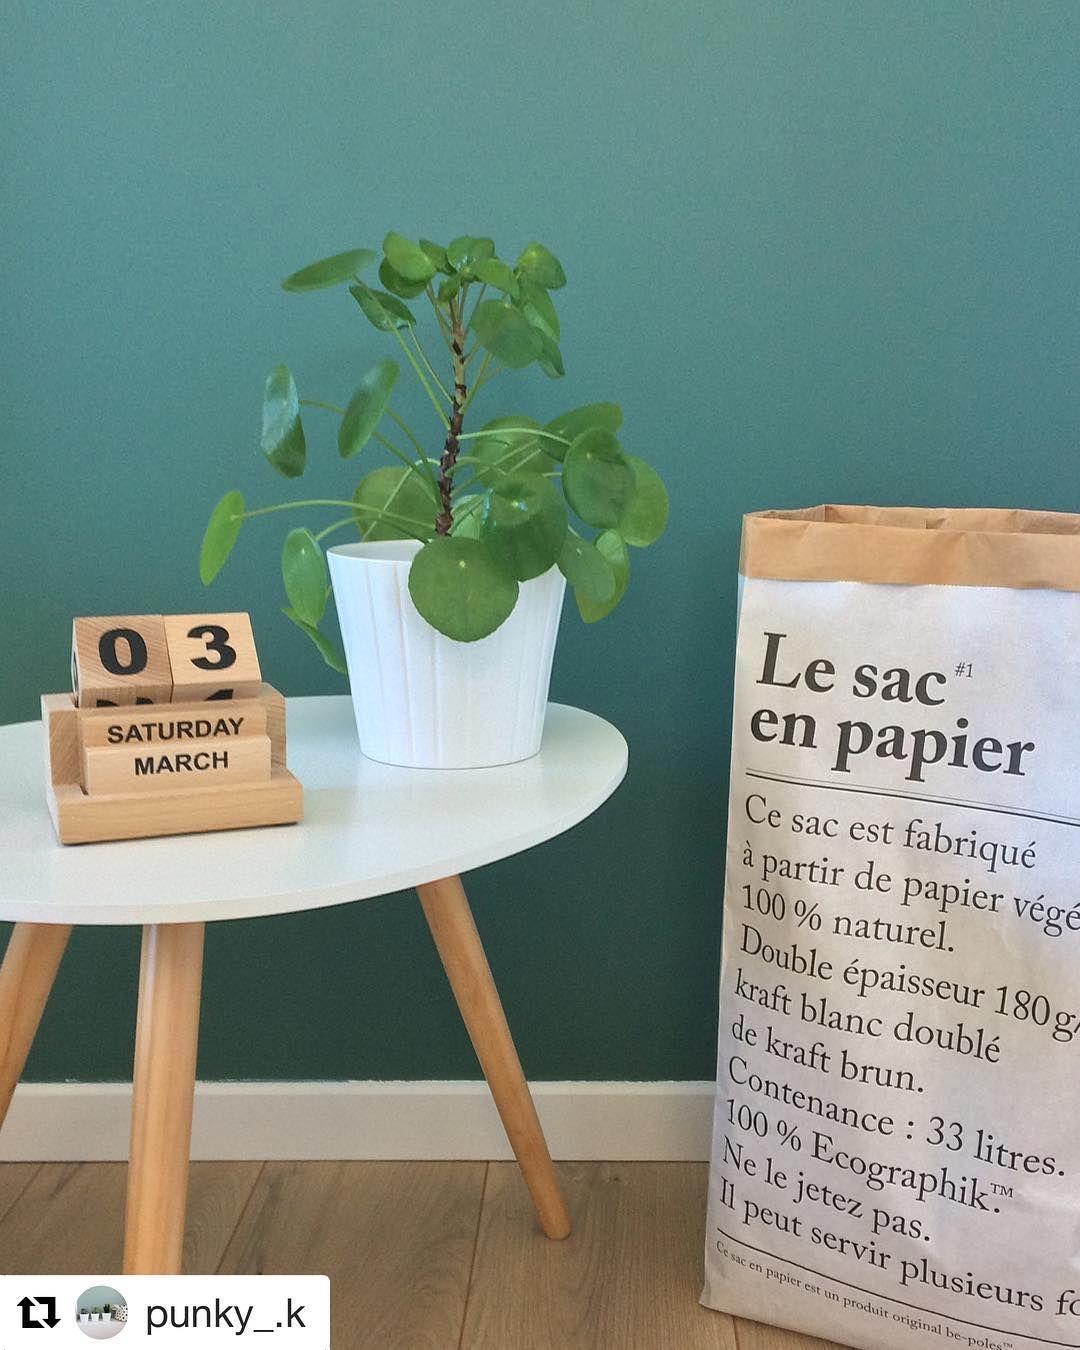 Vert Pyrenees Tollens Peinturetollens Photos Et Videos Instagram Bleu Vert Vert Vert Chambre